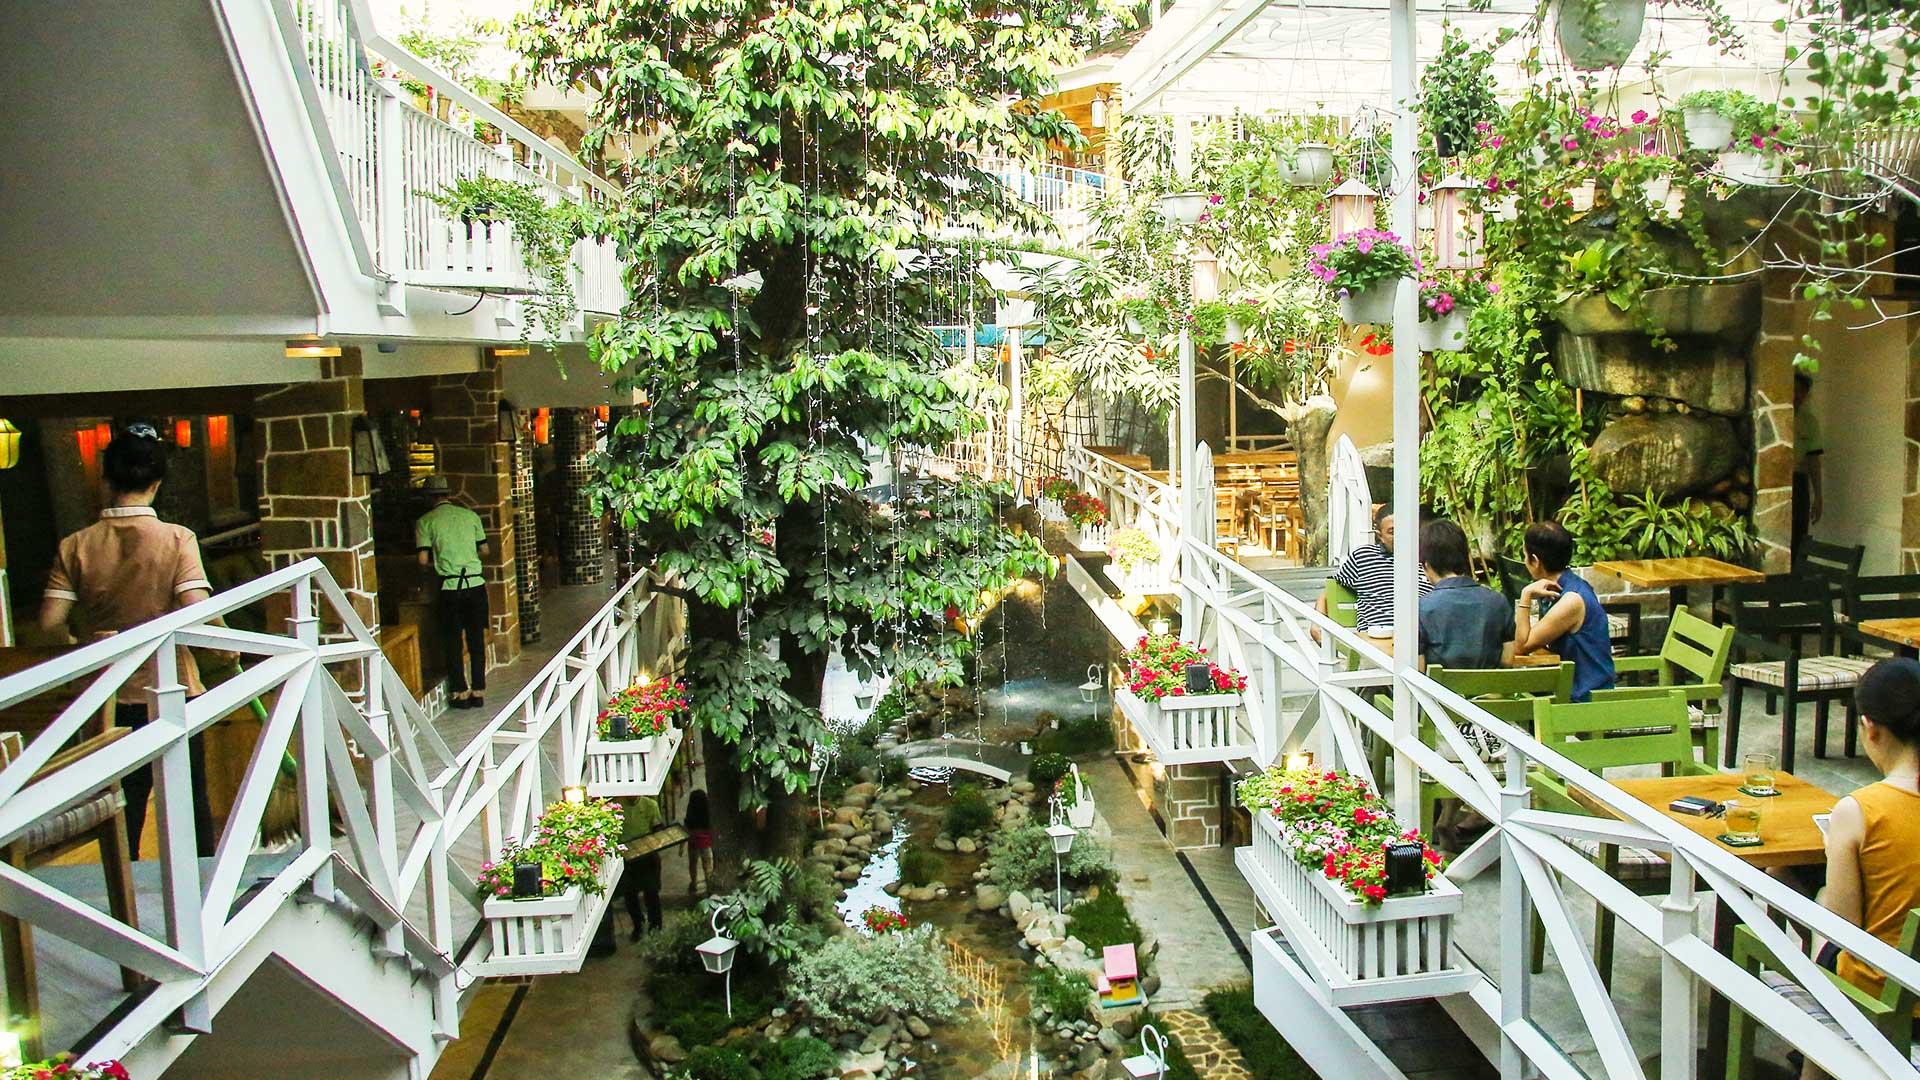 5 quán cà phê sân vườn thích hợp làm địa điểm họp lớp ngày 20/11 ở TP HCM - Ảnh 2.